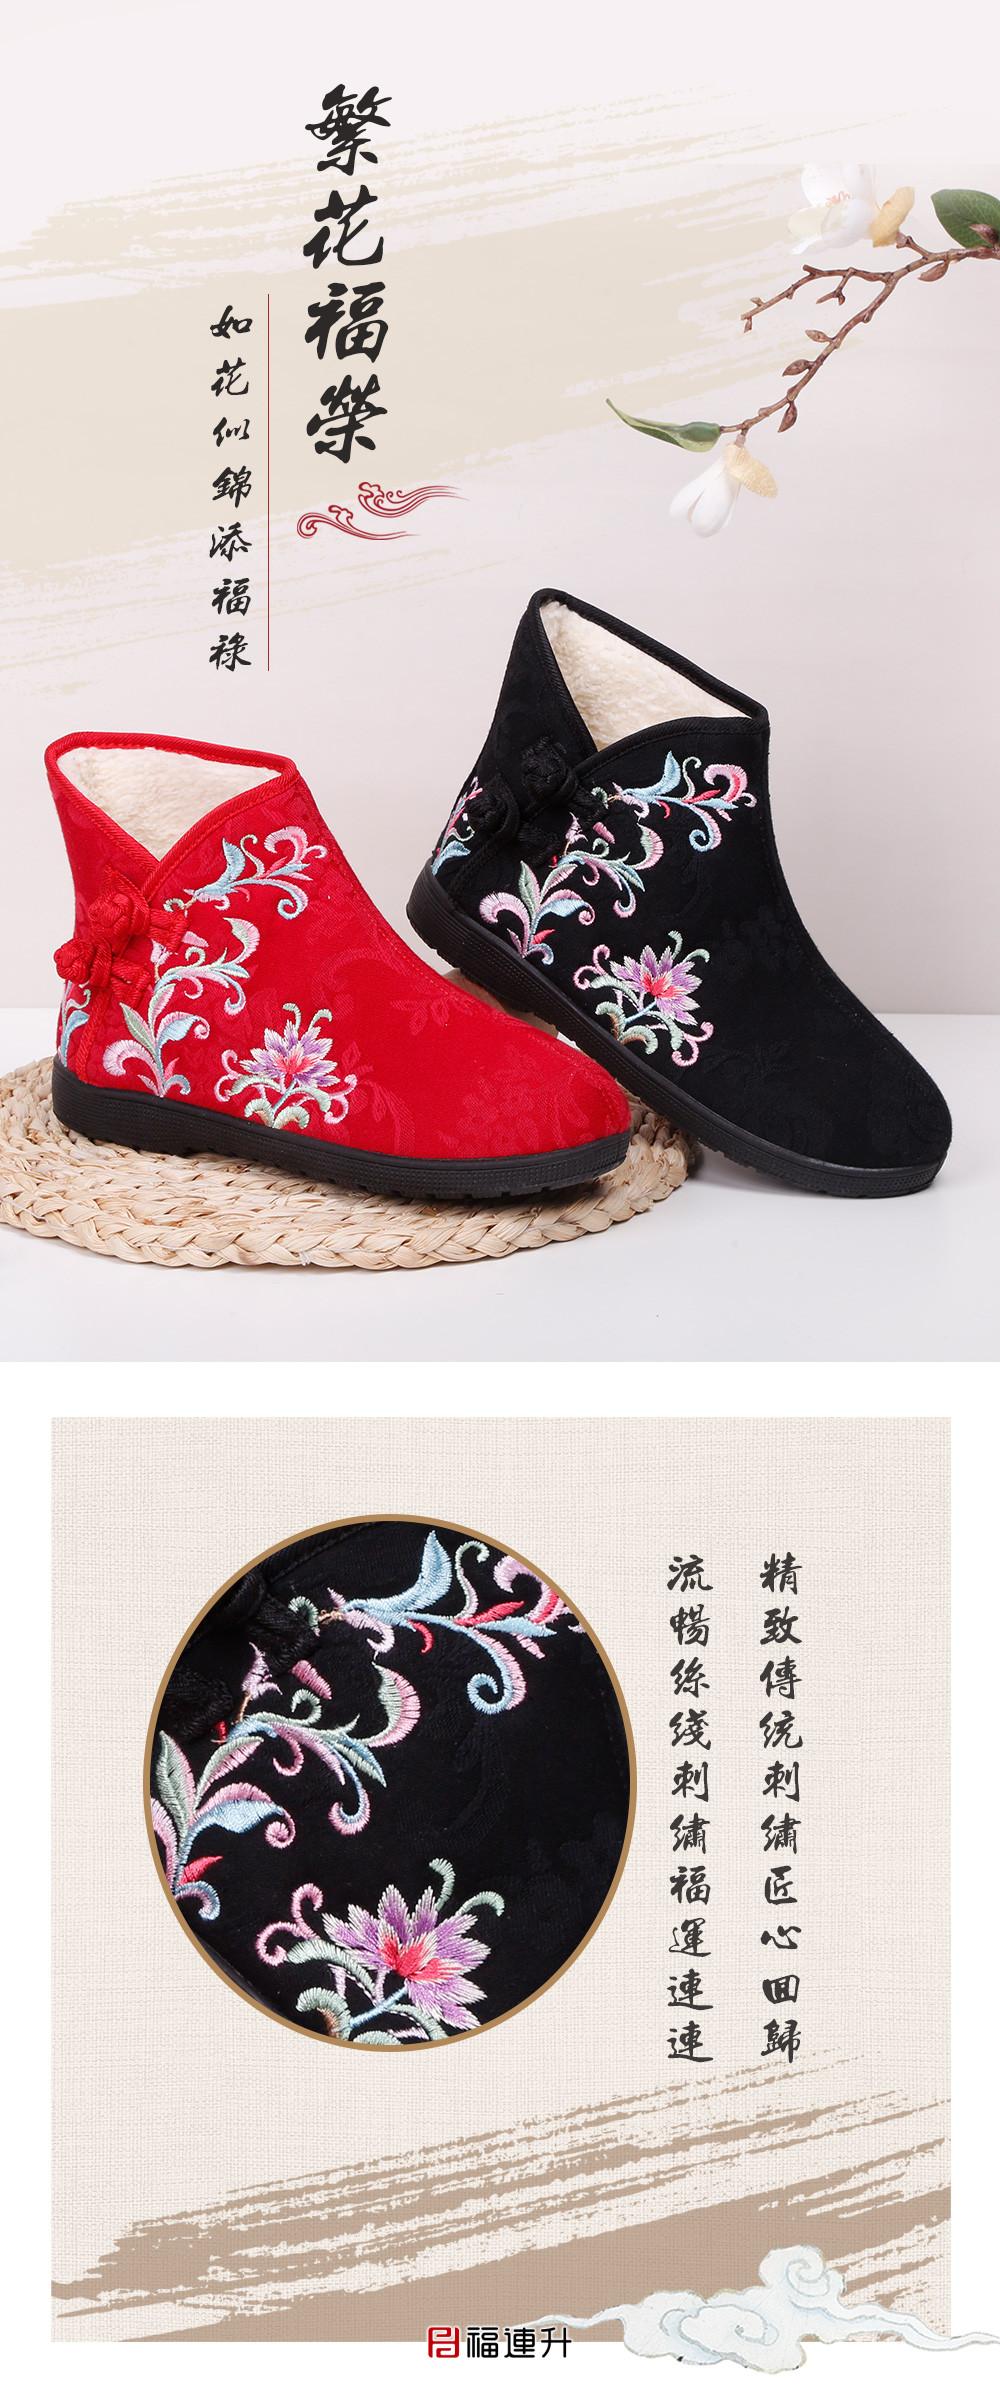 福连升老北京布鞋女冬季加绒保暖民族风绣花短靴图片